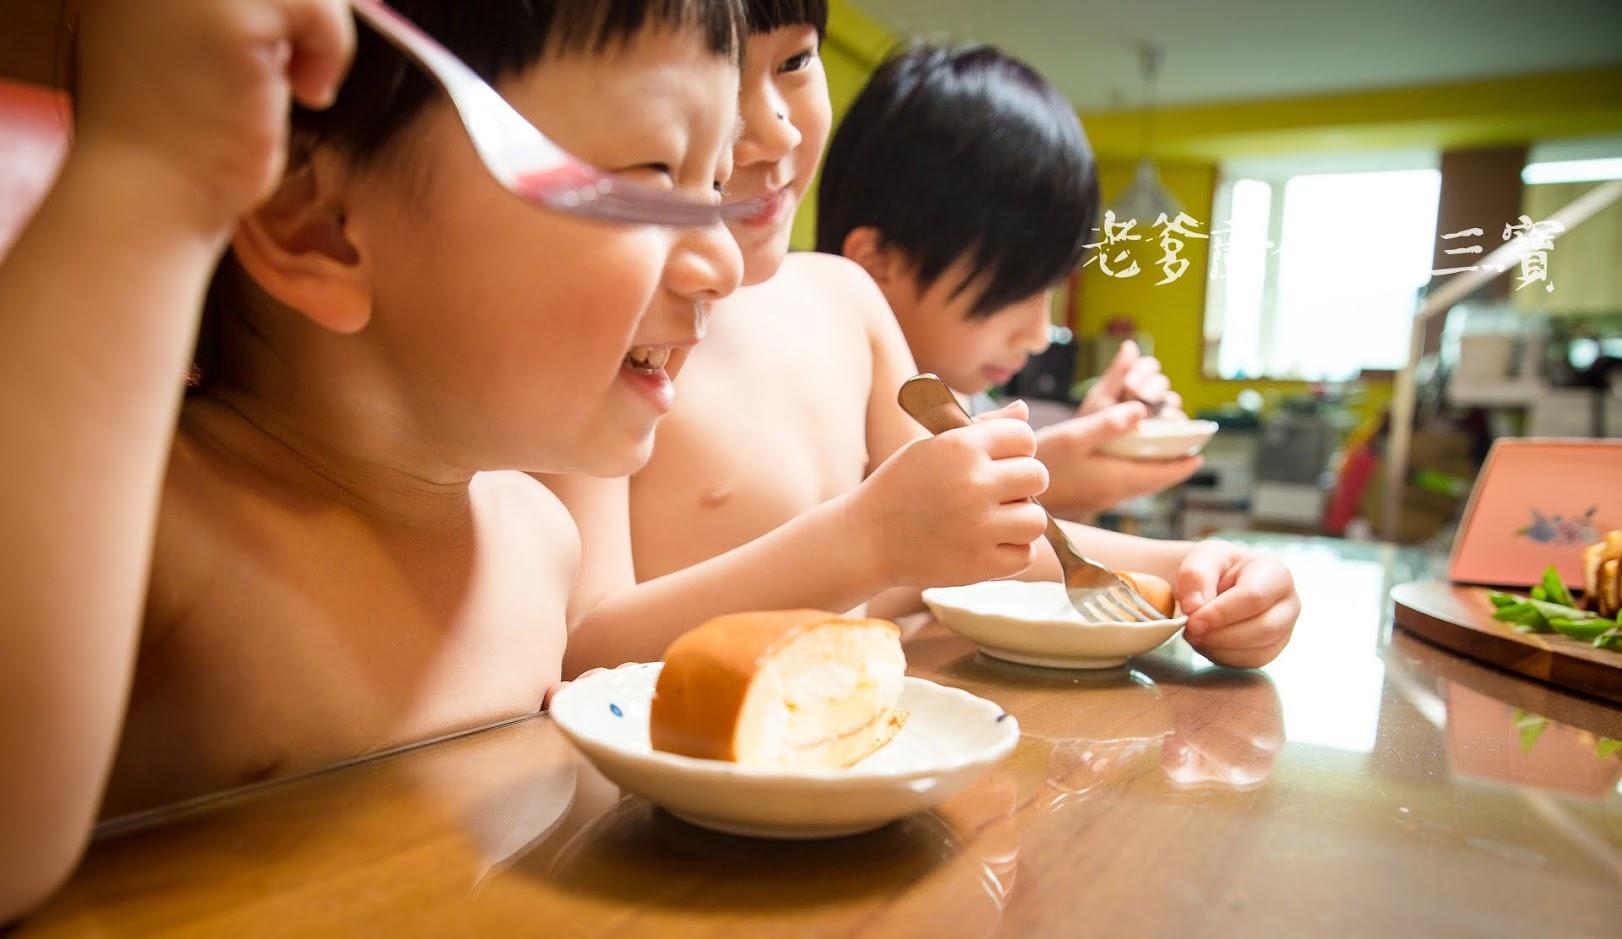 排排坐好!快快嚐嚐這17520小時的經典生乳捲...悅樂烘焙|經典原味生乳捲+伯爵紅茶生乳捲